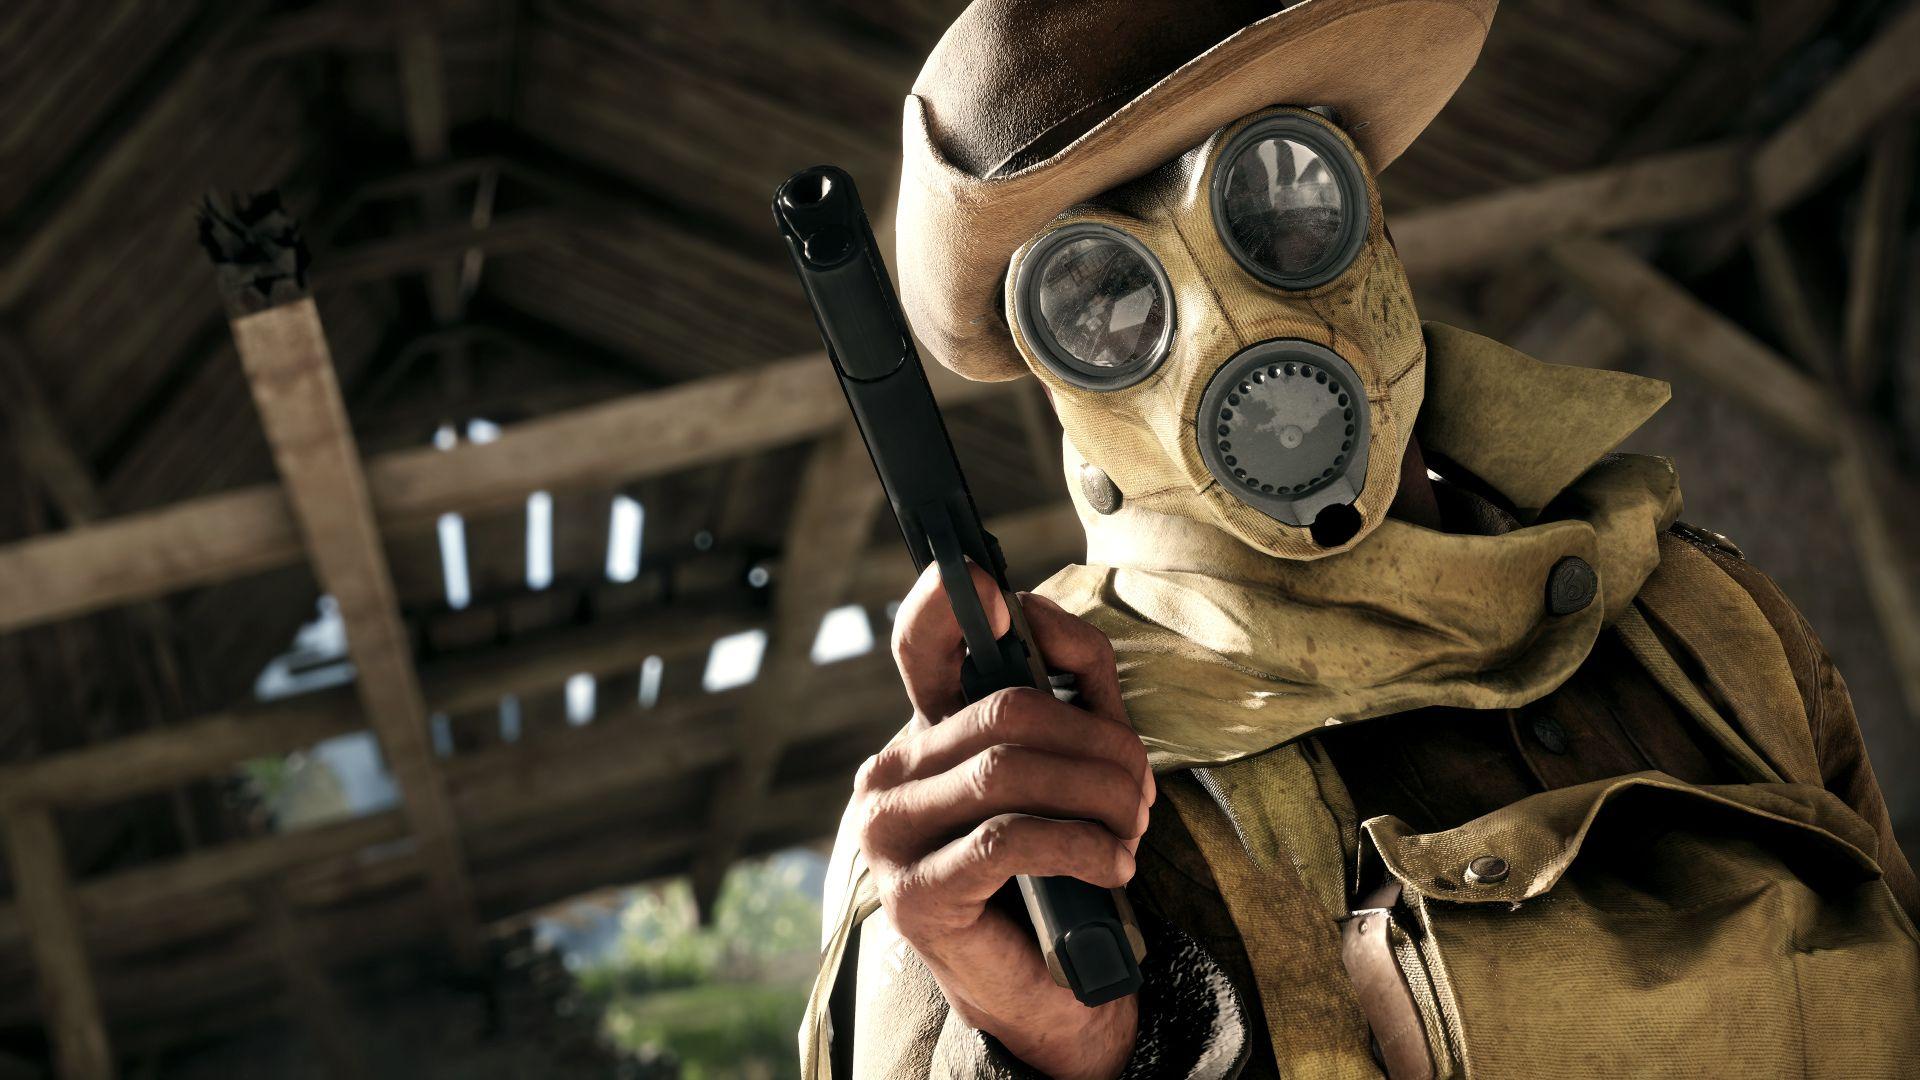 achat original meilleur prix Style classique Jeux Vidéo Battlefield 1 Masque à Gaz Fond d'écran ...